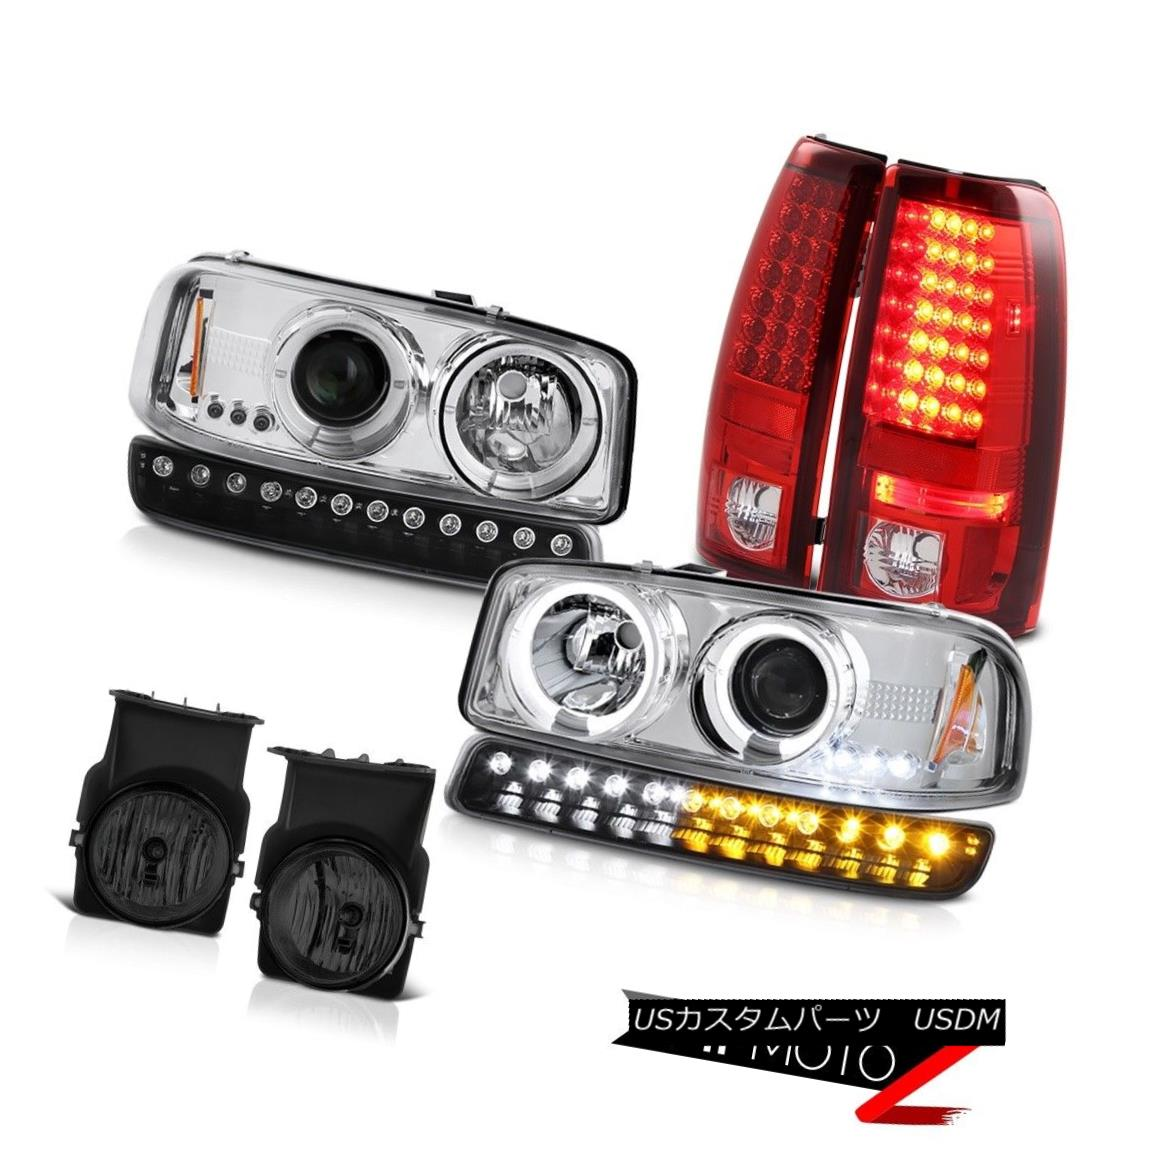 テールライト 03-06 Sierra 2500 Foglights red clear taillamps signal lamp projector headlamps 03-06 Sierra 2500 Foglights赤色クリアテールランプ信号ランププロジェクターヘッドランプ